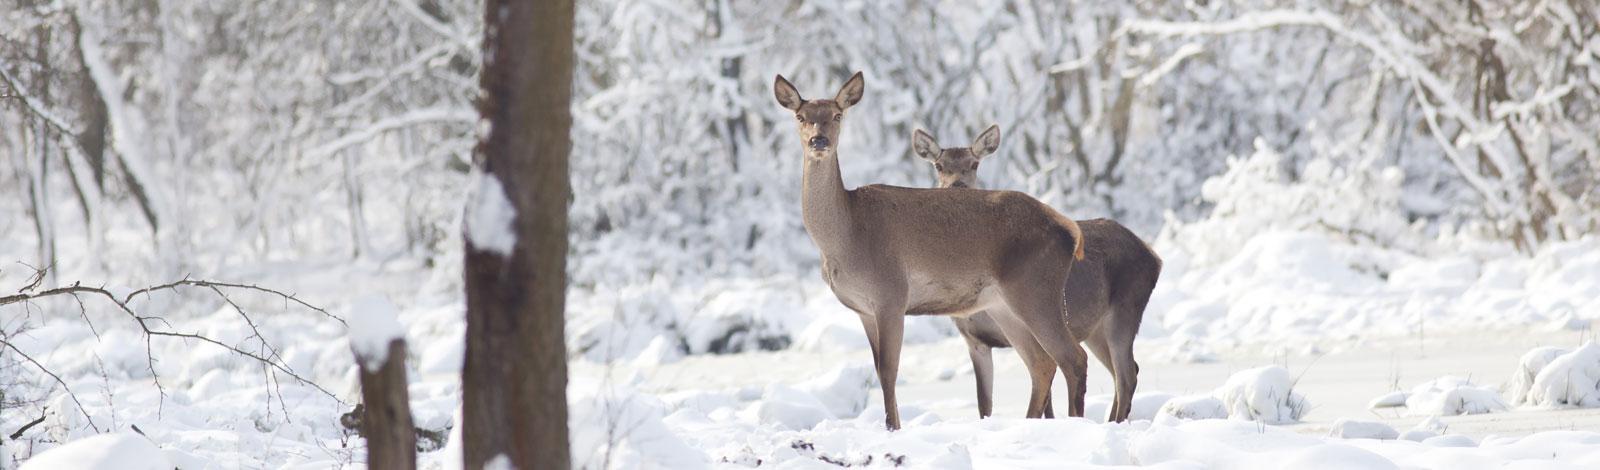 Slider-Rotwild-Winter